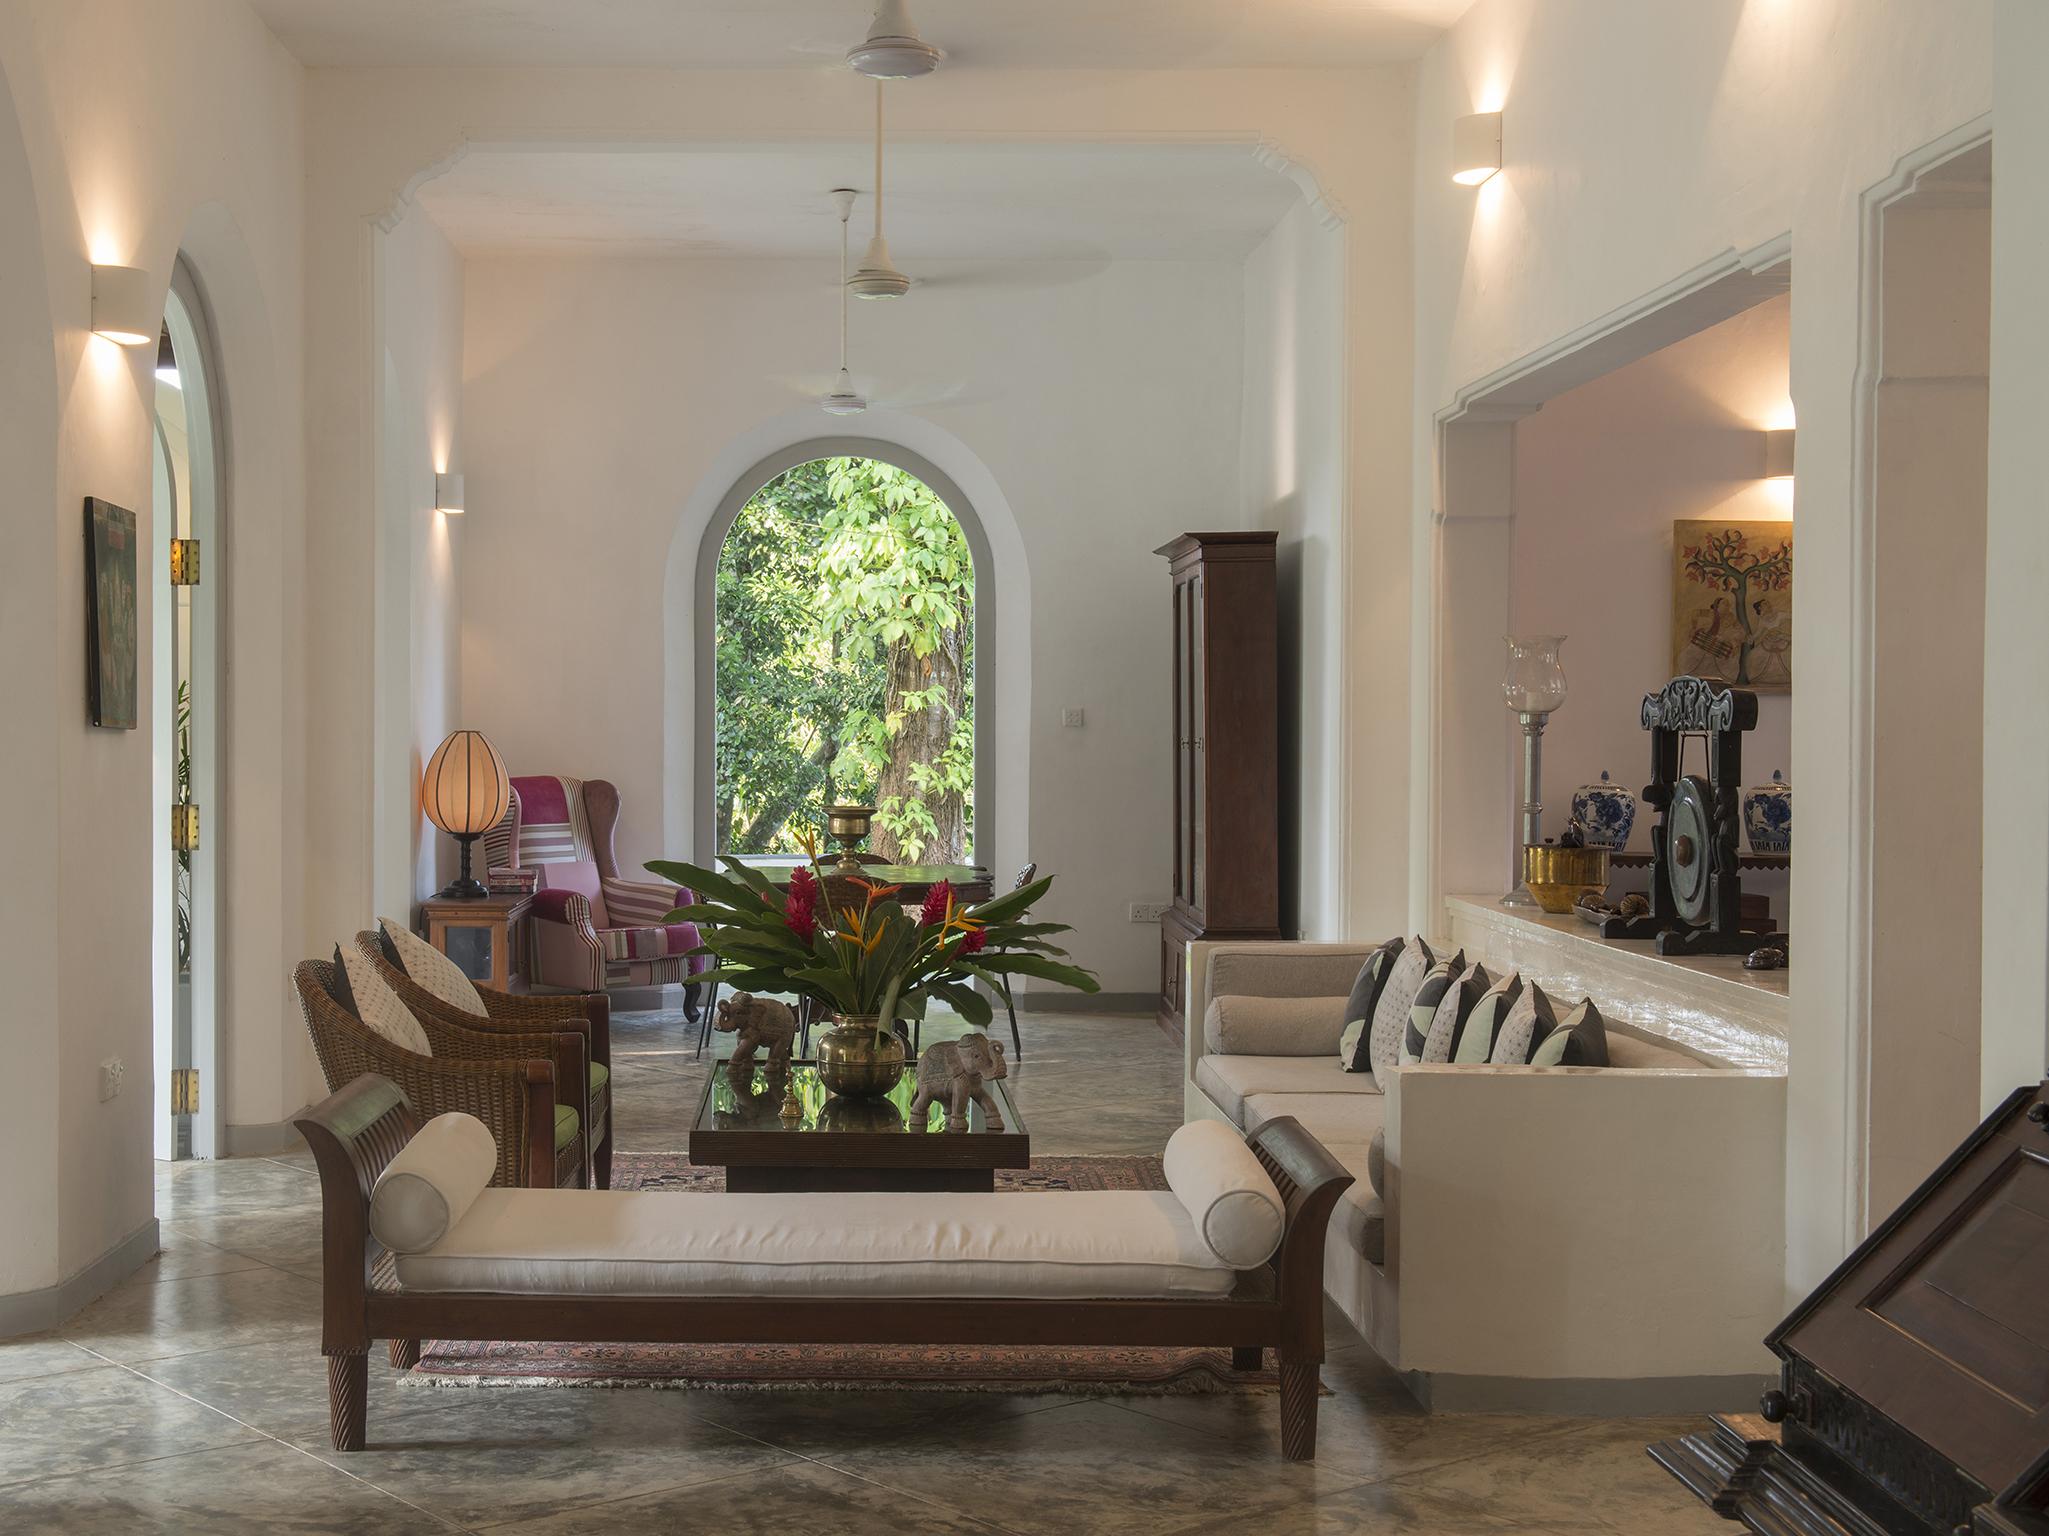 06-Pooja Kanda - Indoor living.jpg